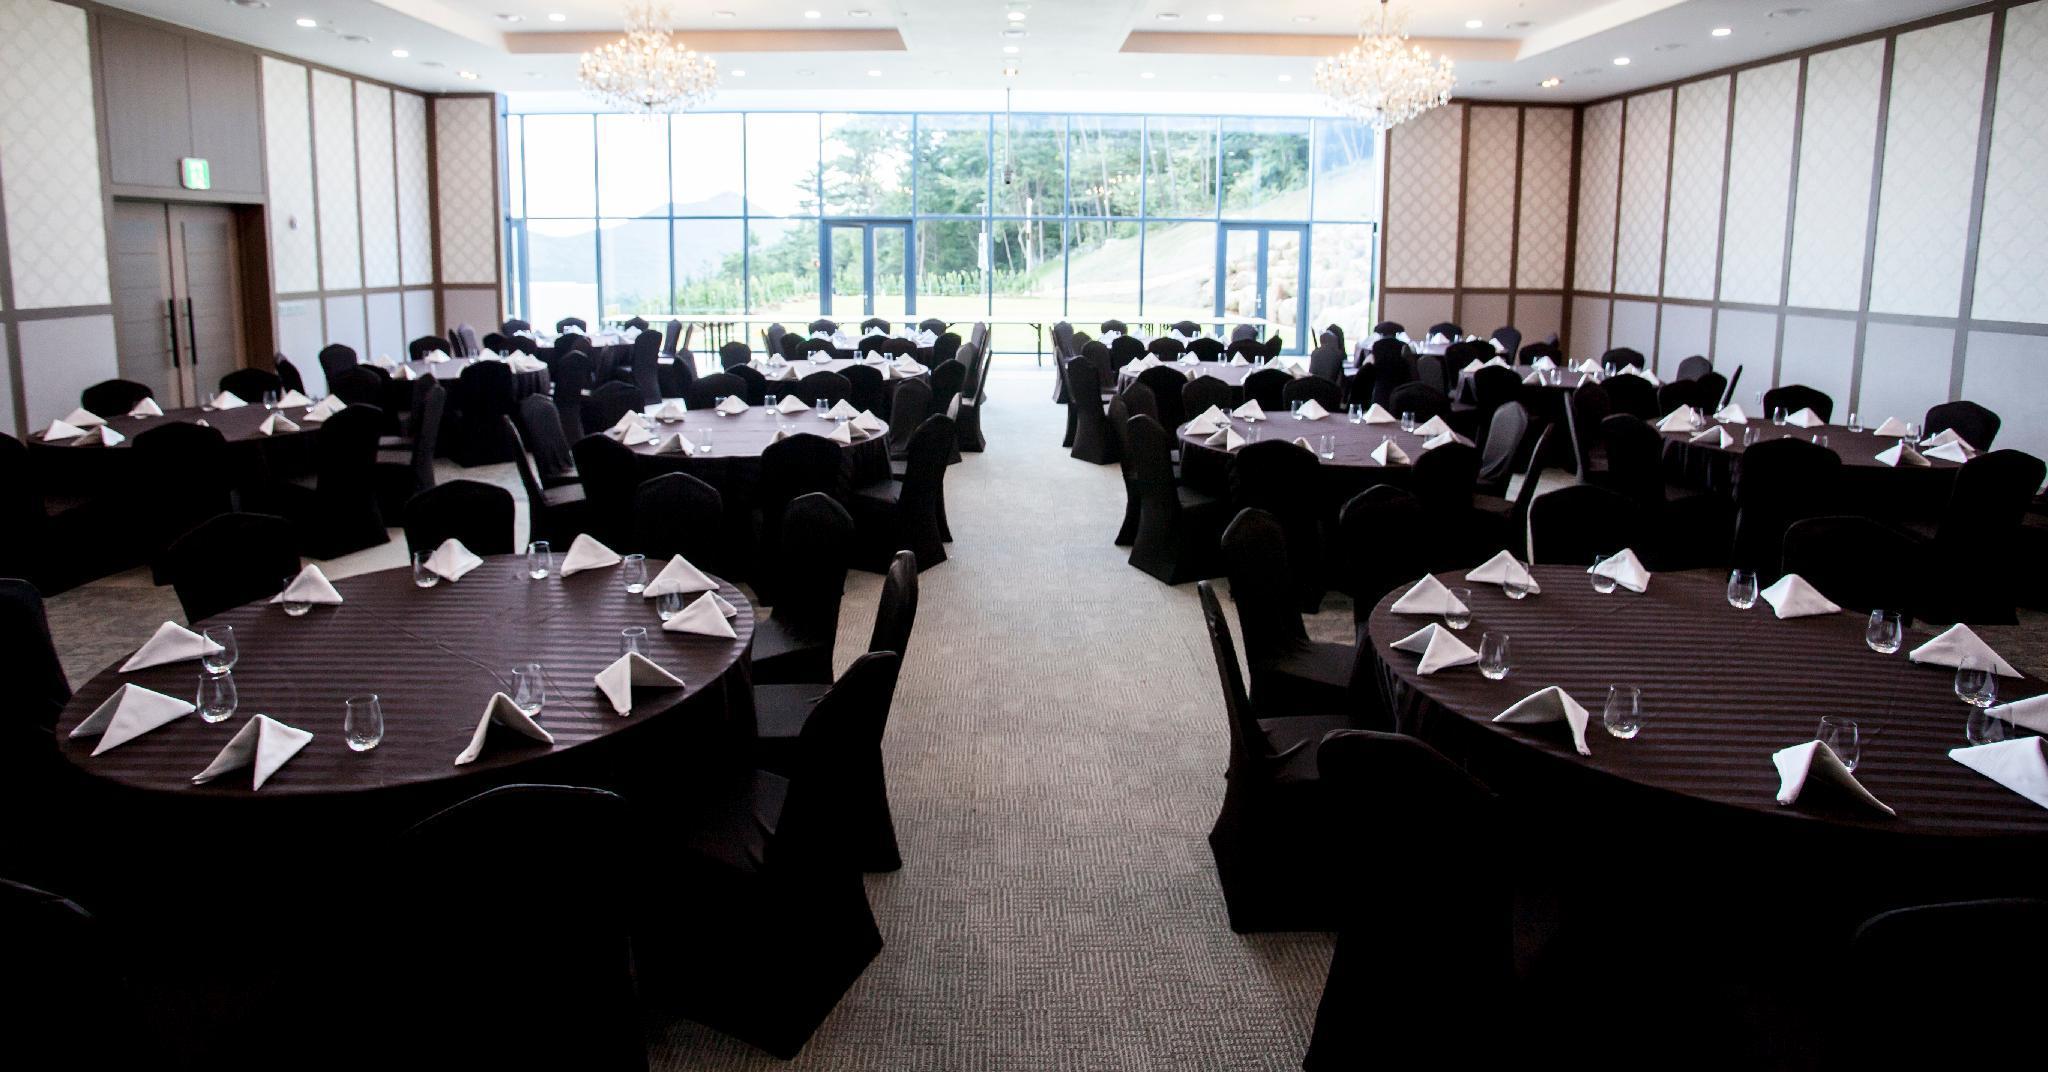 Dongwon Royal CC & Resort, Tongyeong